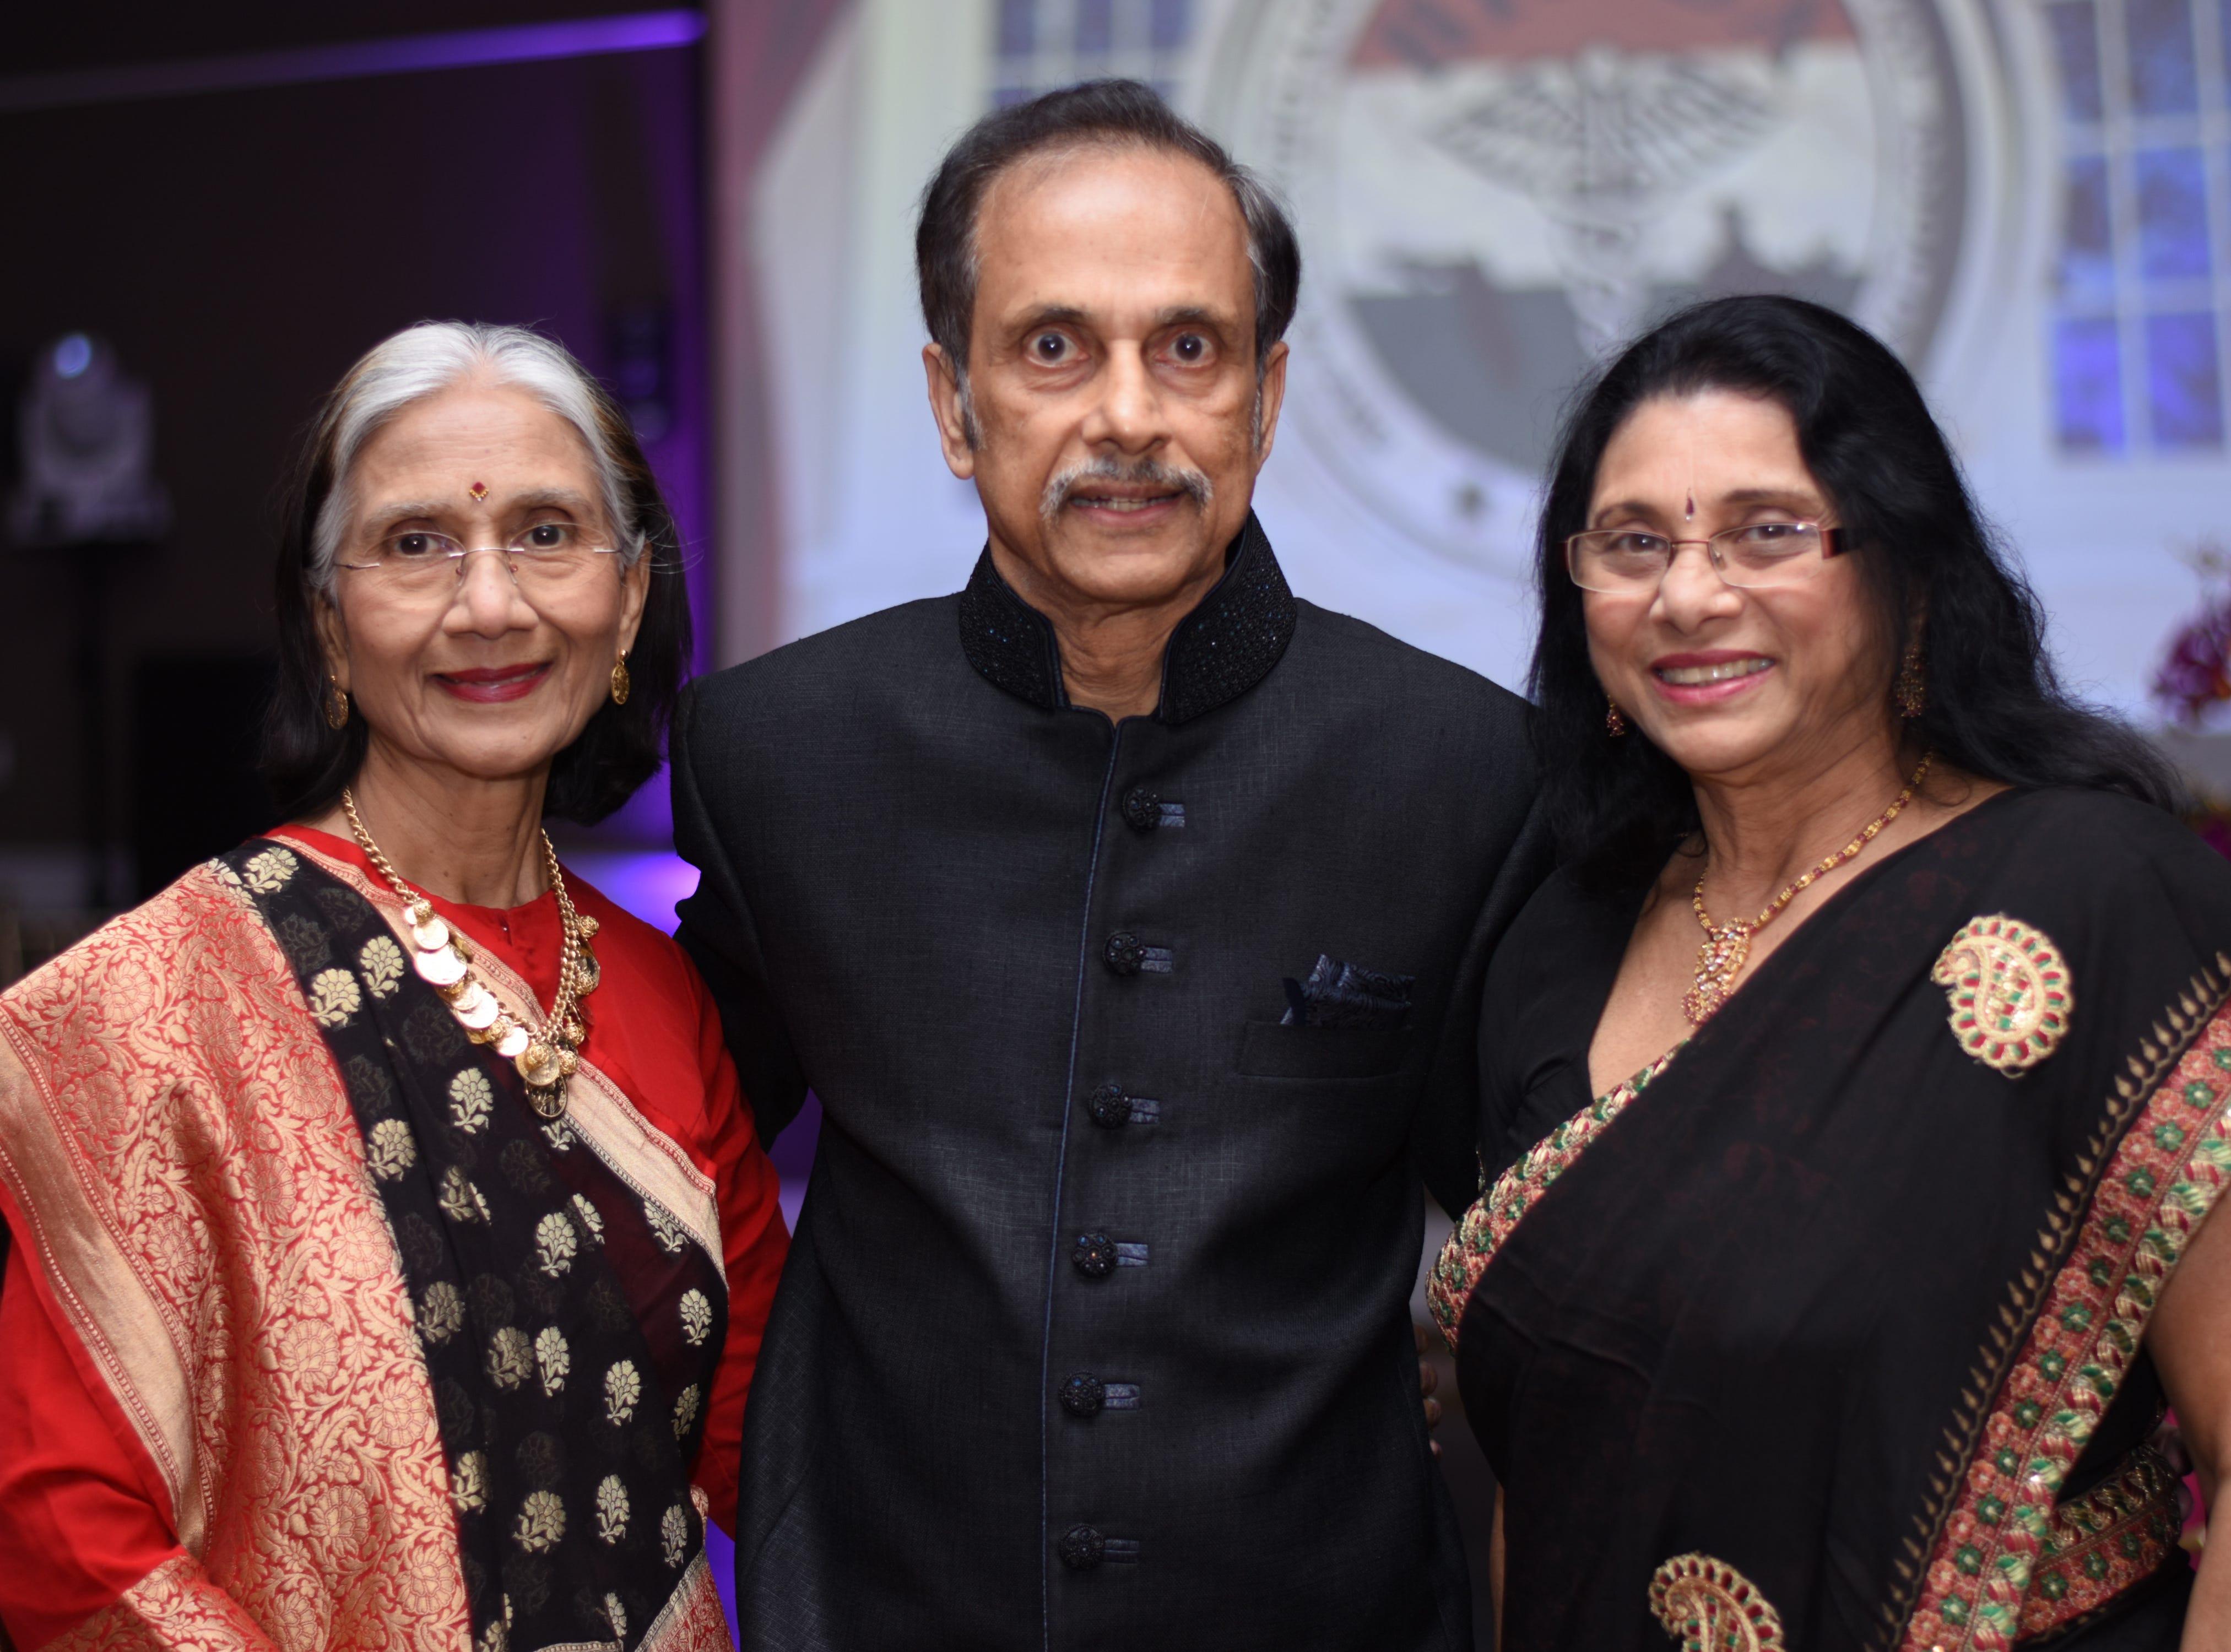 Dr. Snehlata Pandya, Dr. Soni Mahesh, and Uma Shah.